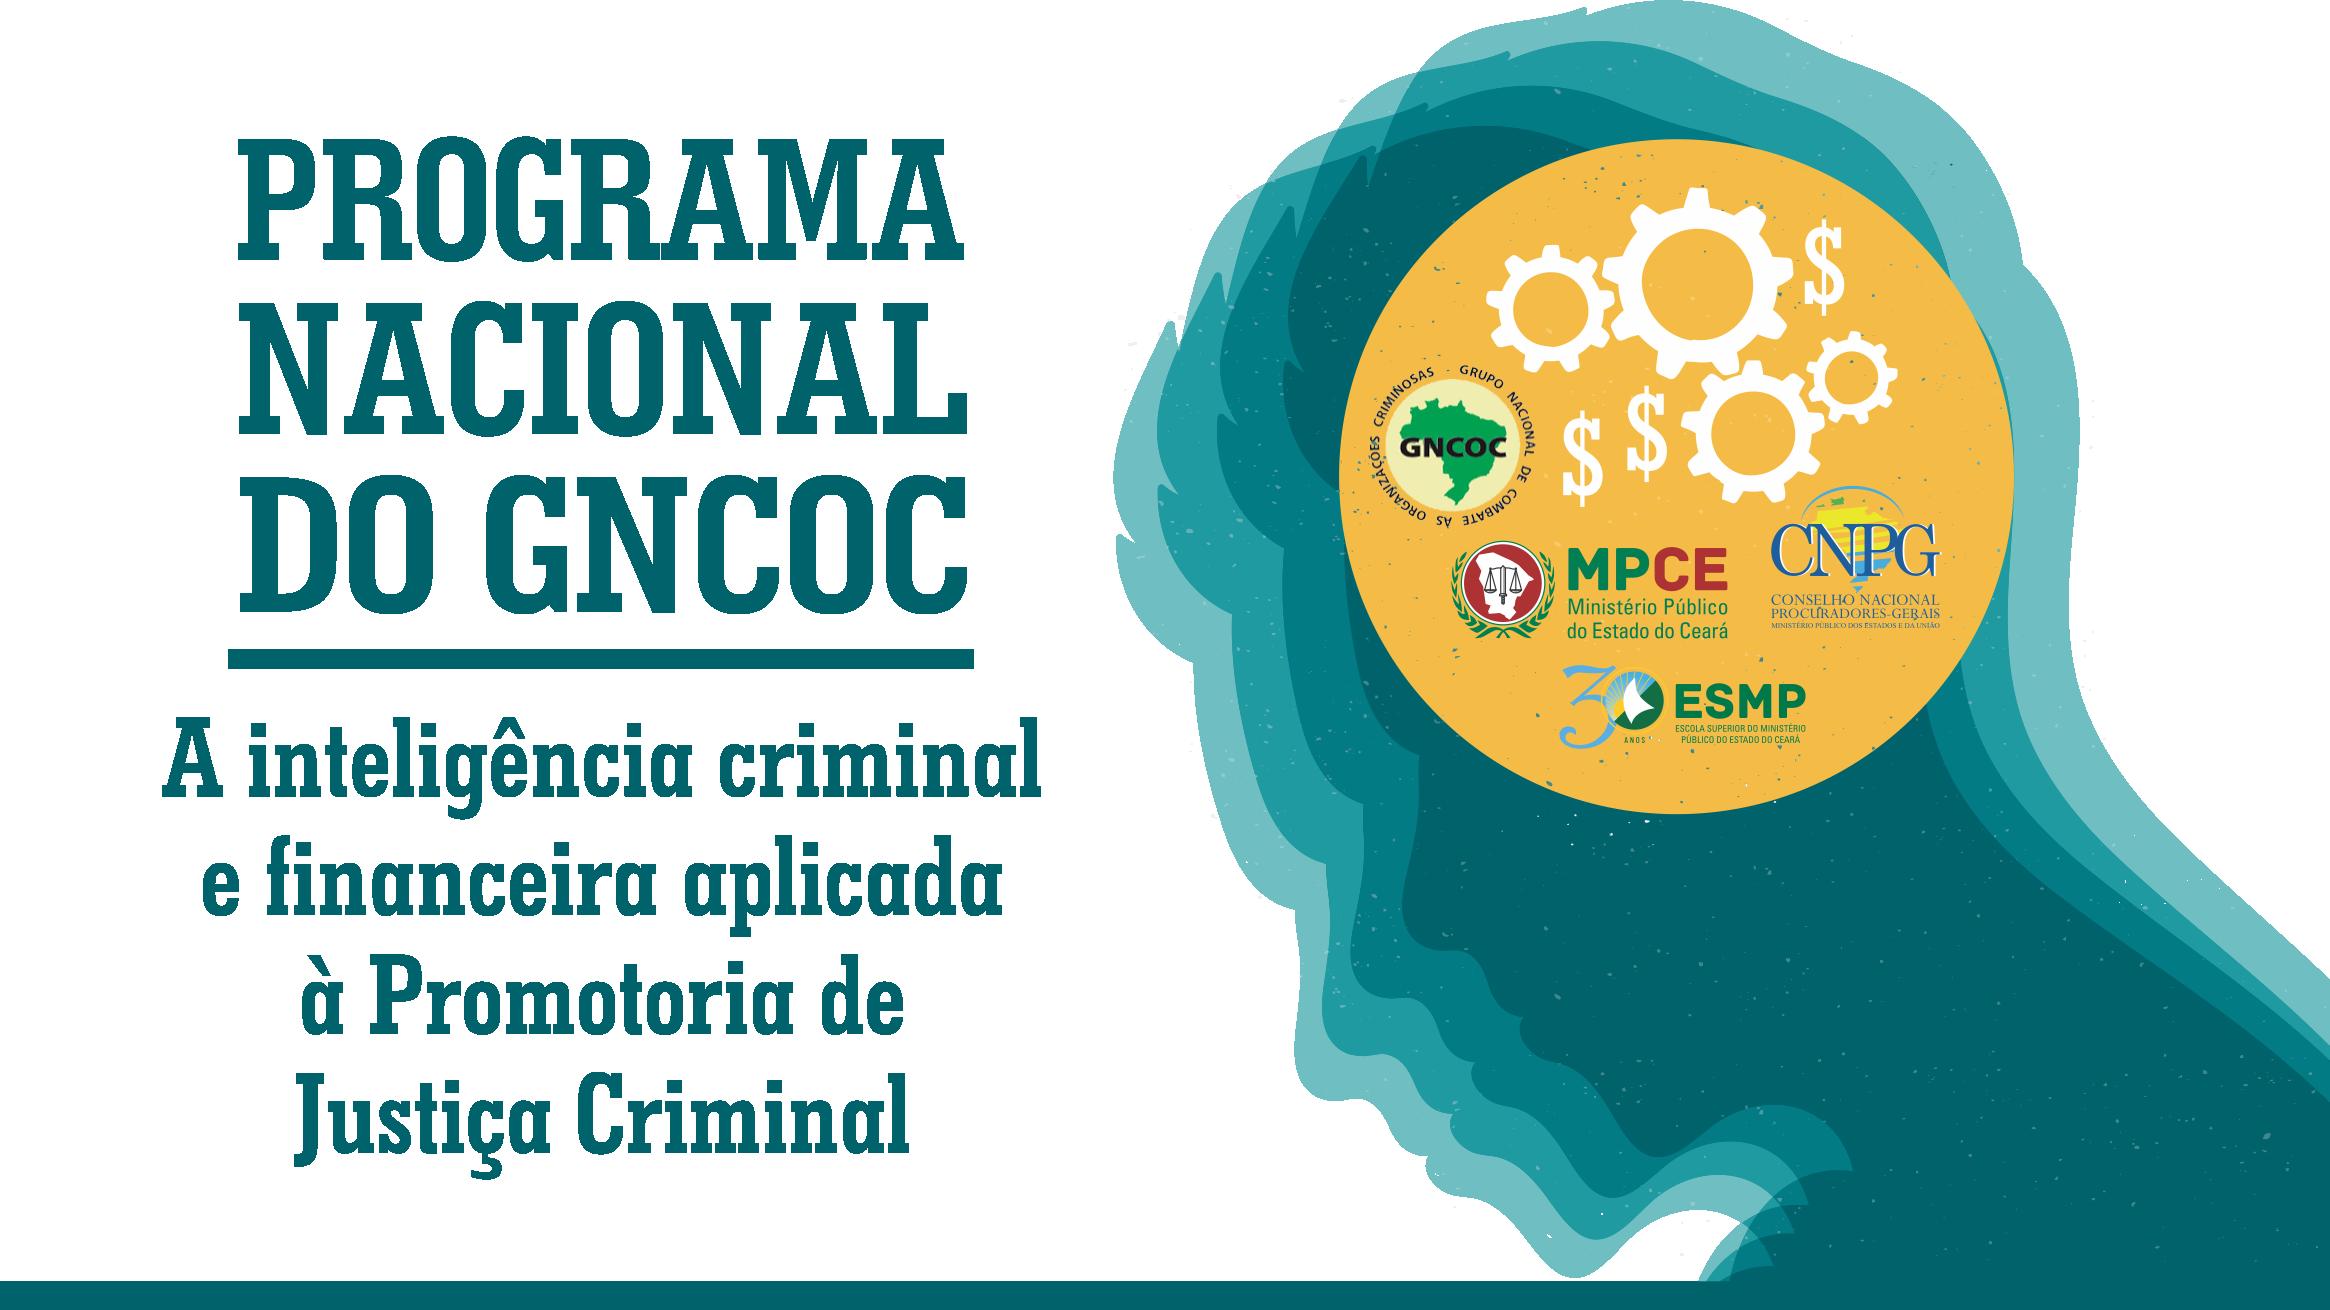 PROGRAMA NACIONAL DO GNCOC - A inteligência criminal e financeira aplicada à Promotoria de Justiça Criminal